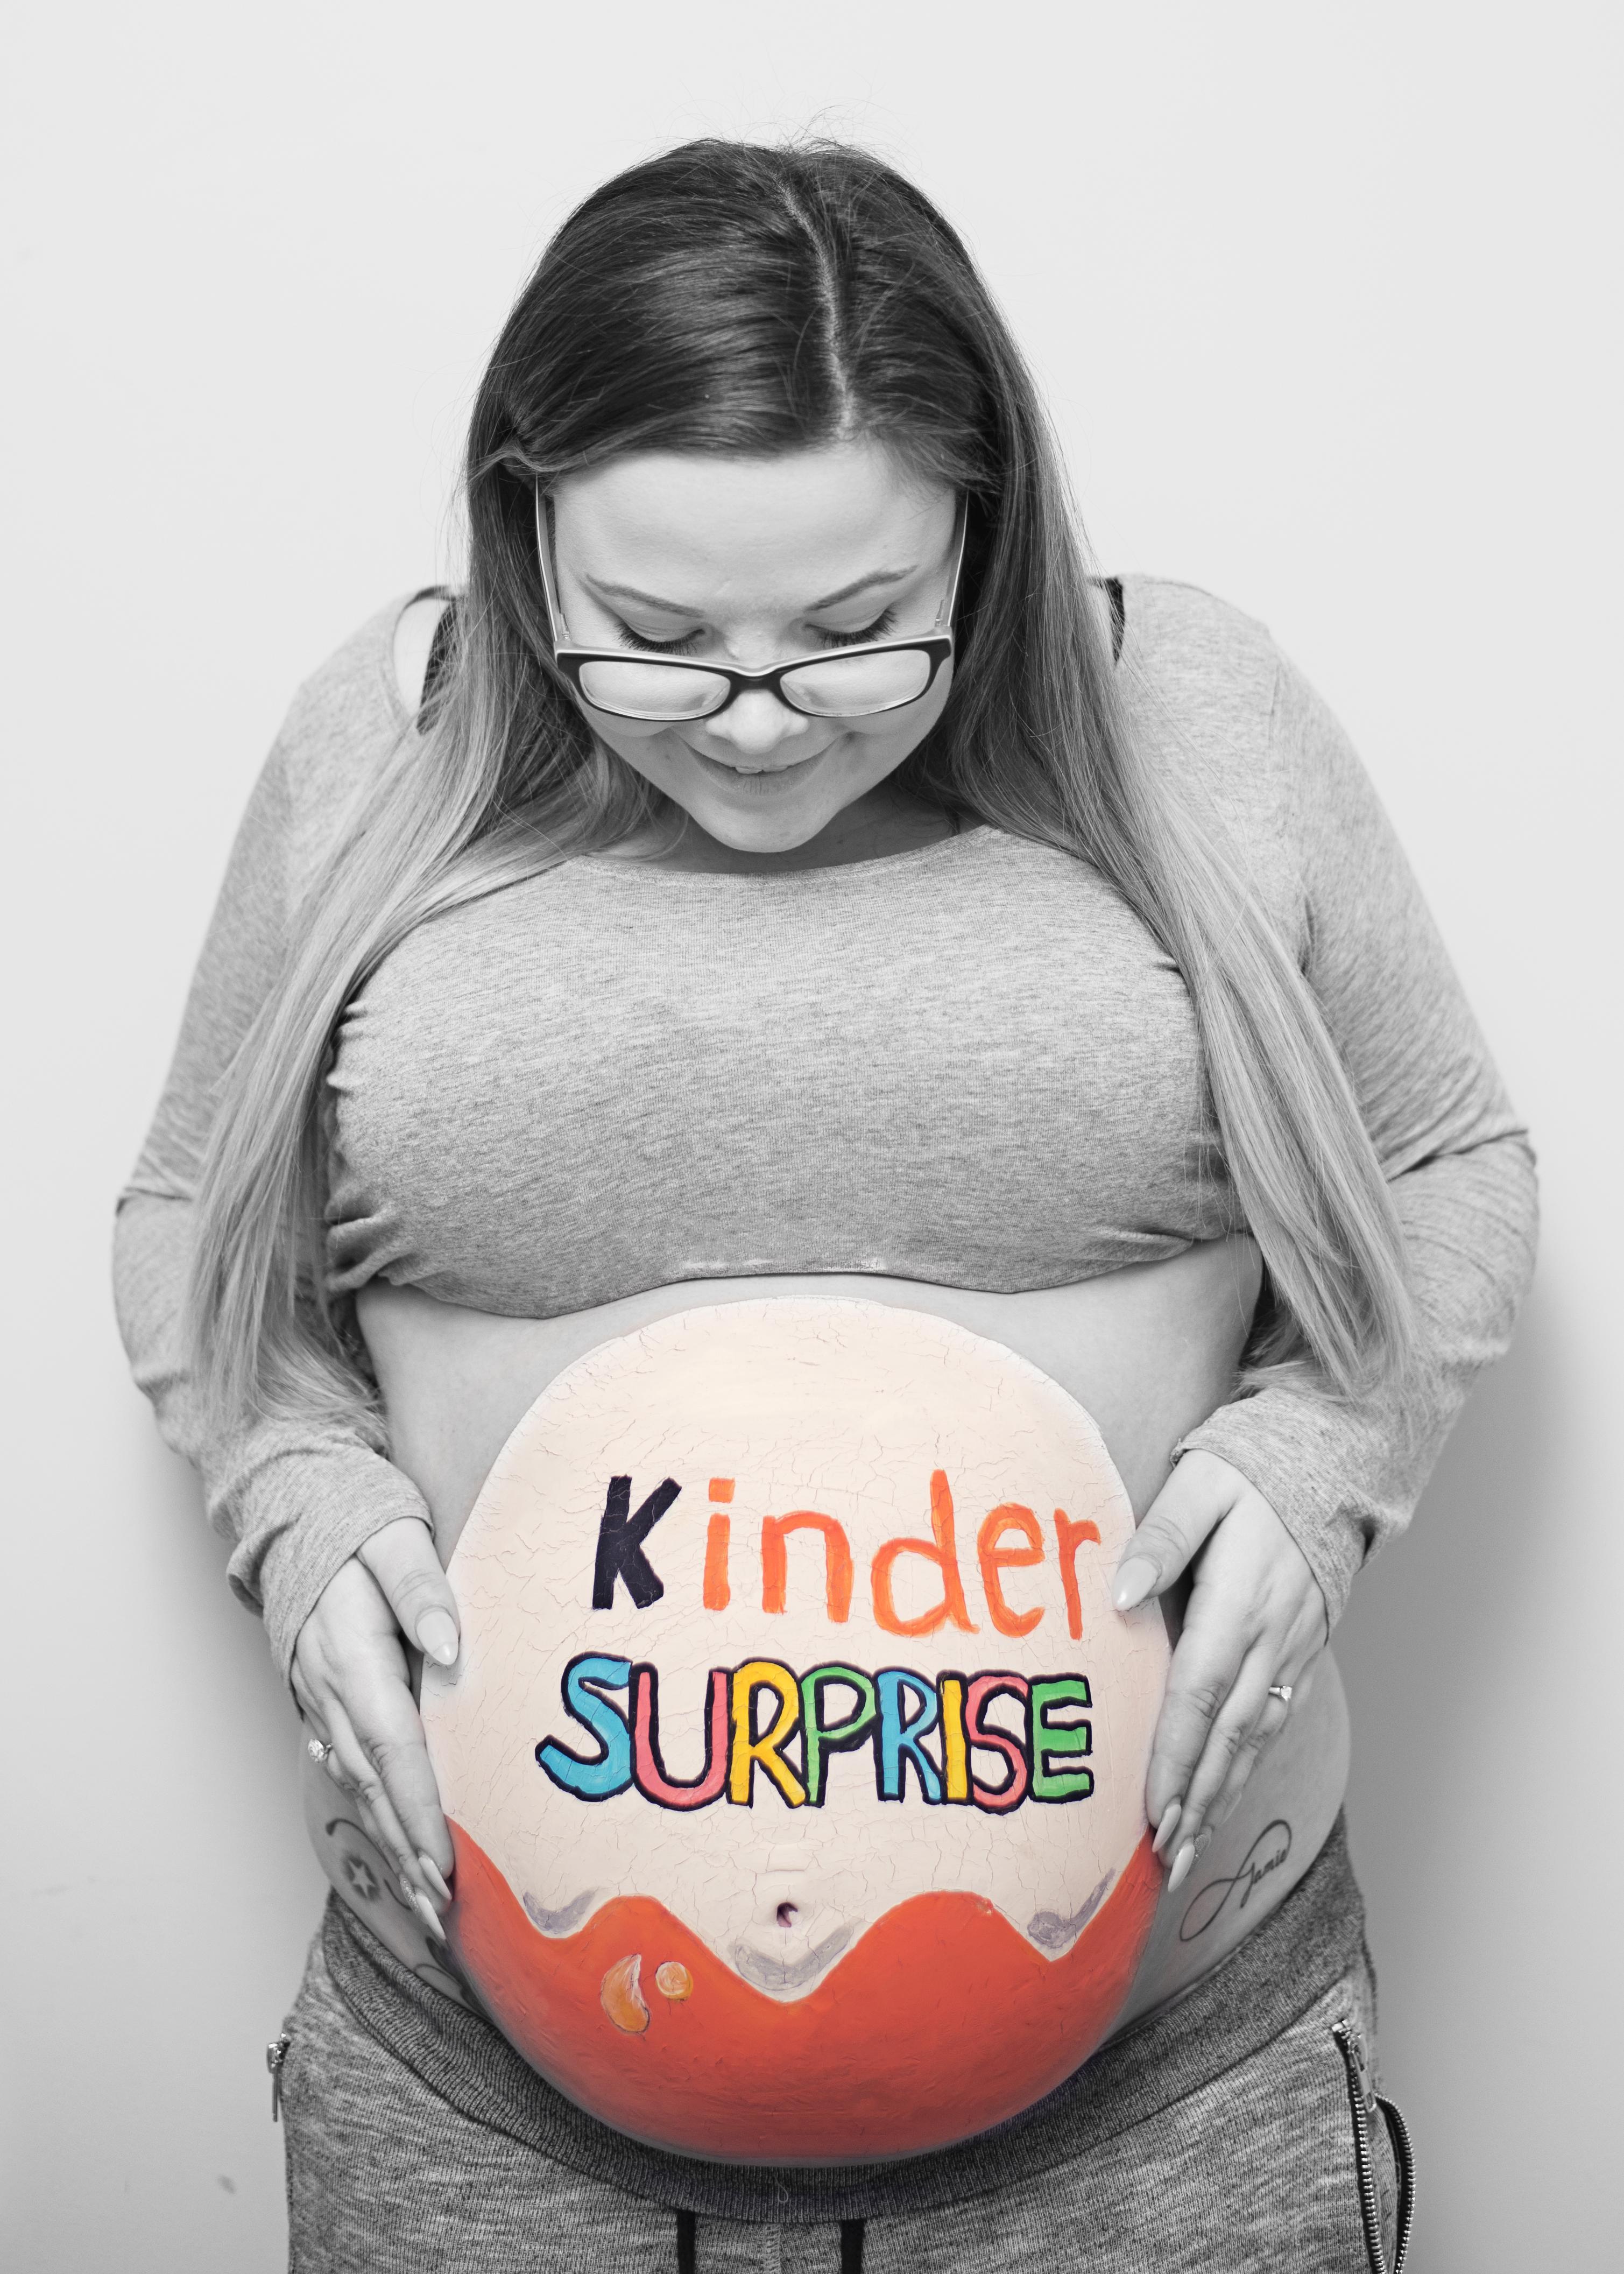 KINDER SURPRISE 4.jpg